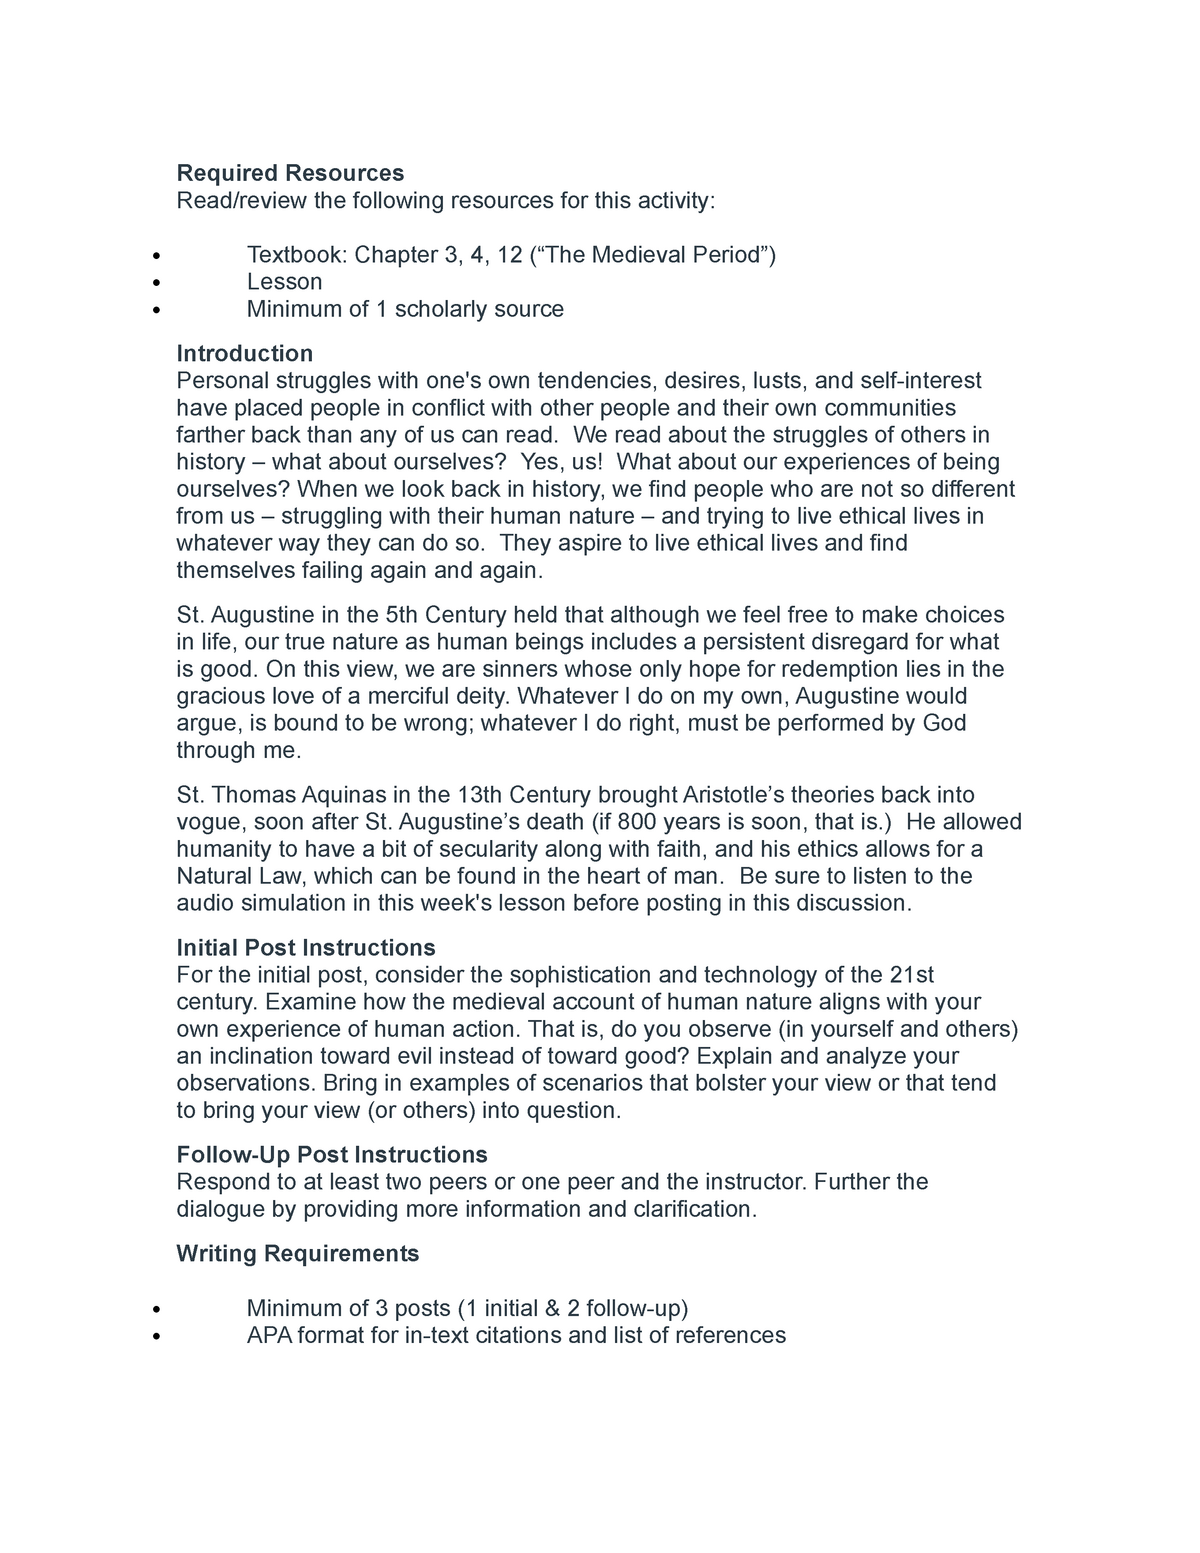 Wk 2 ethic discussion - 445: Ethics - StuDocu